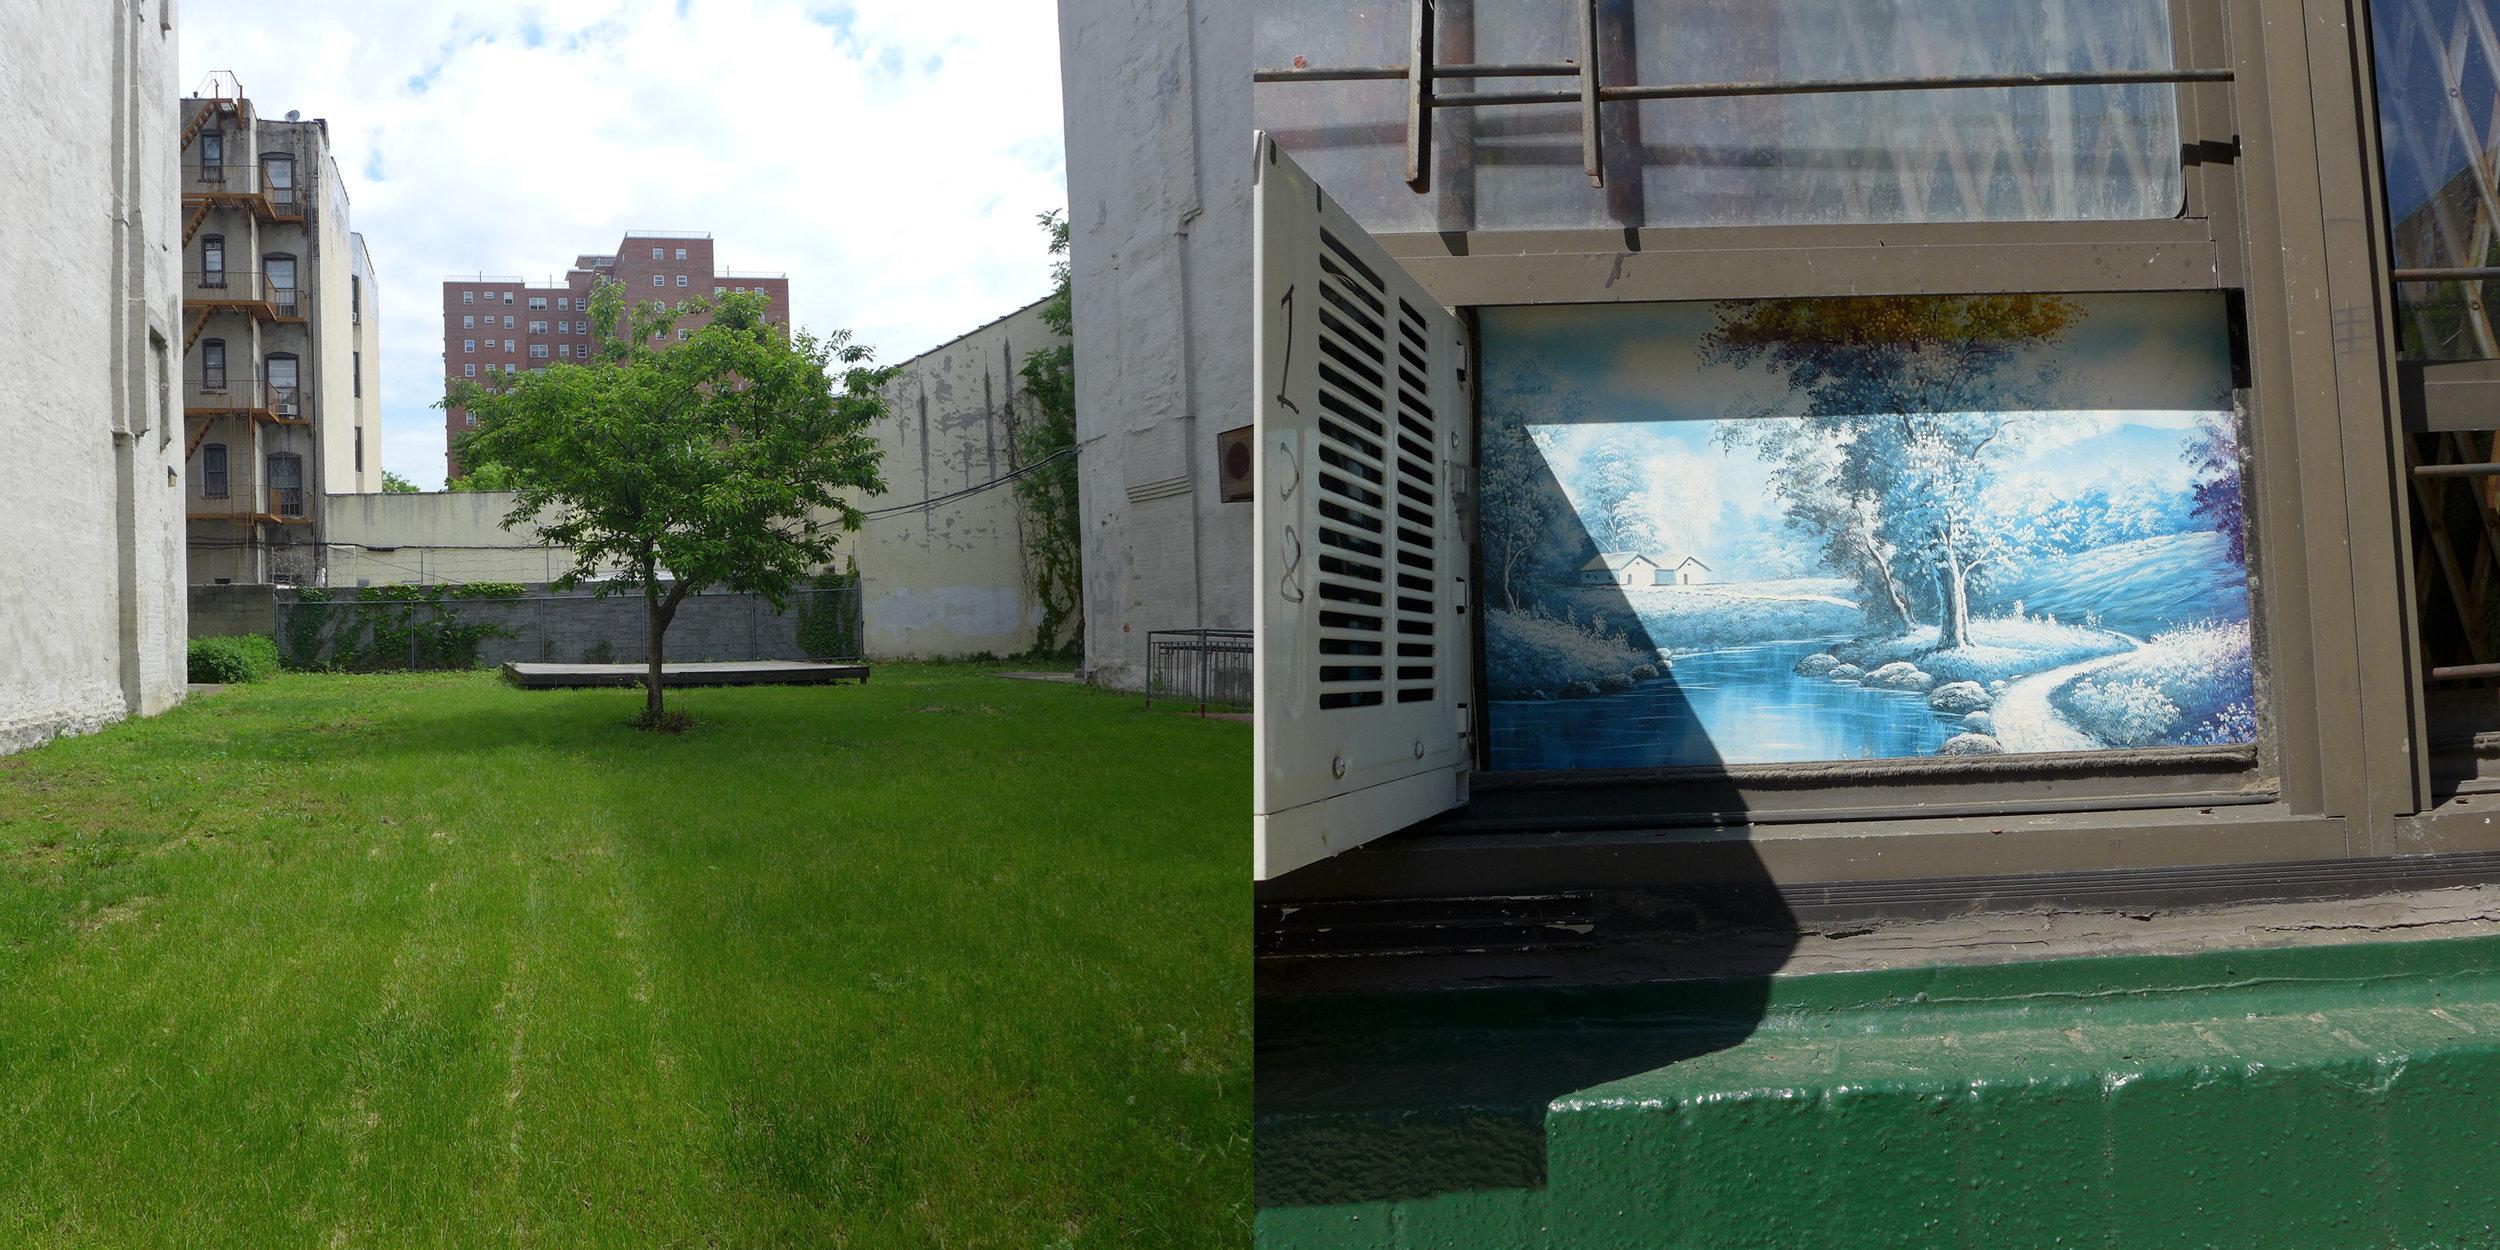 Tree, East 109th Street & Tree, East 108th Street